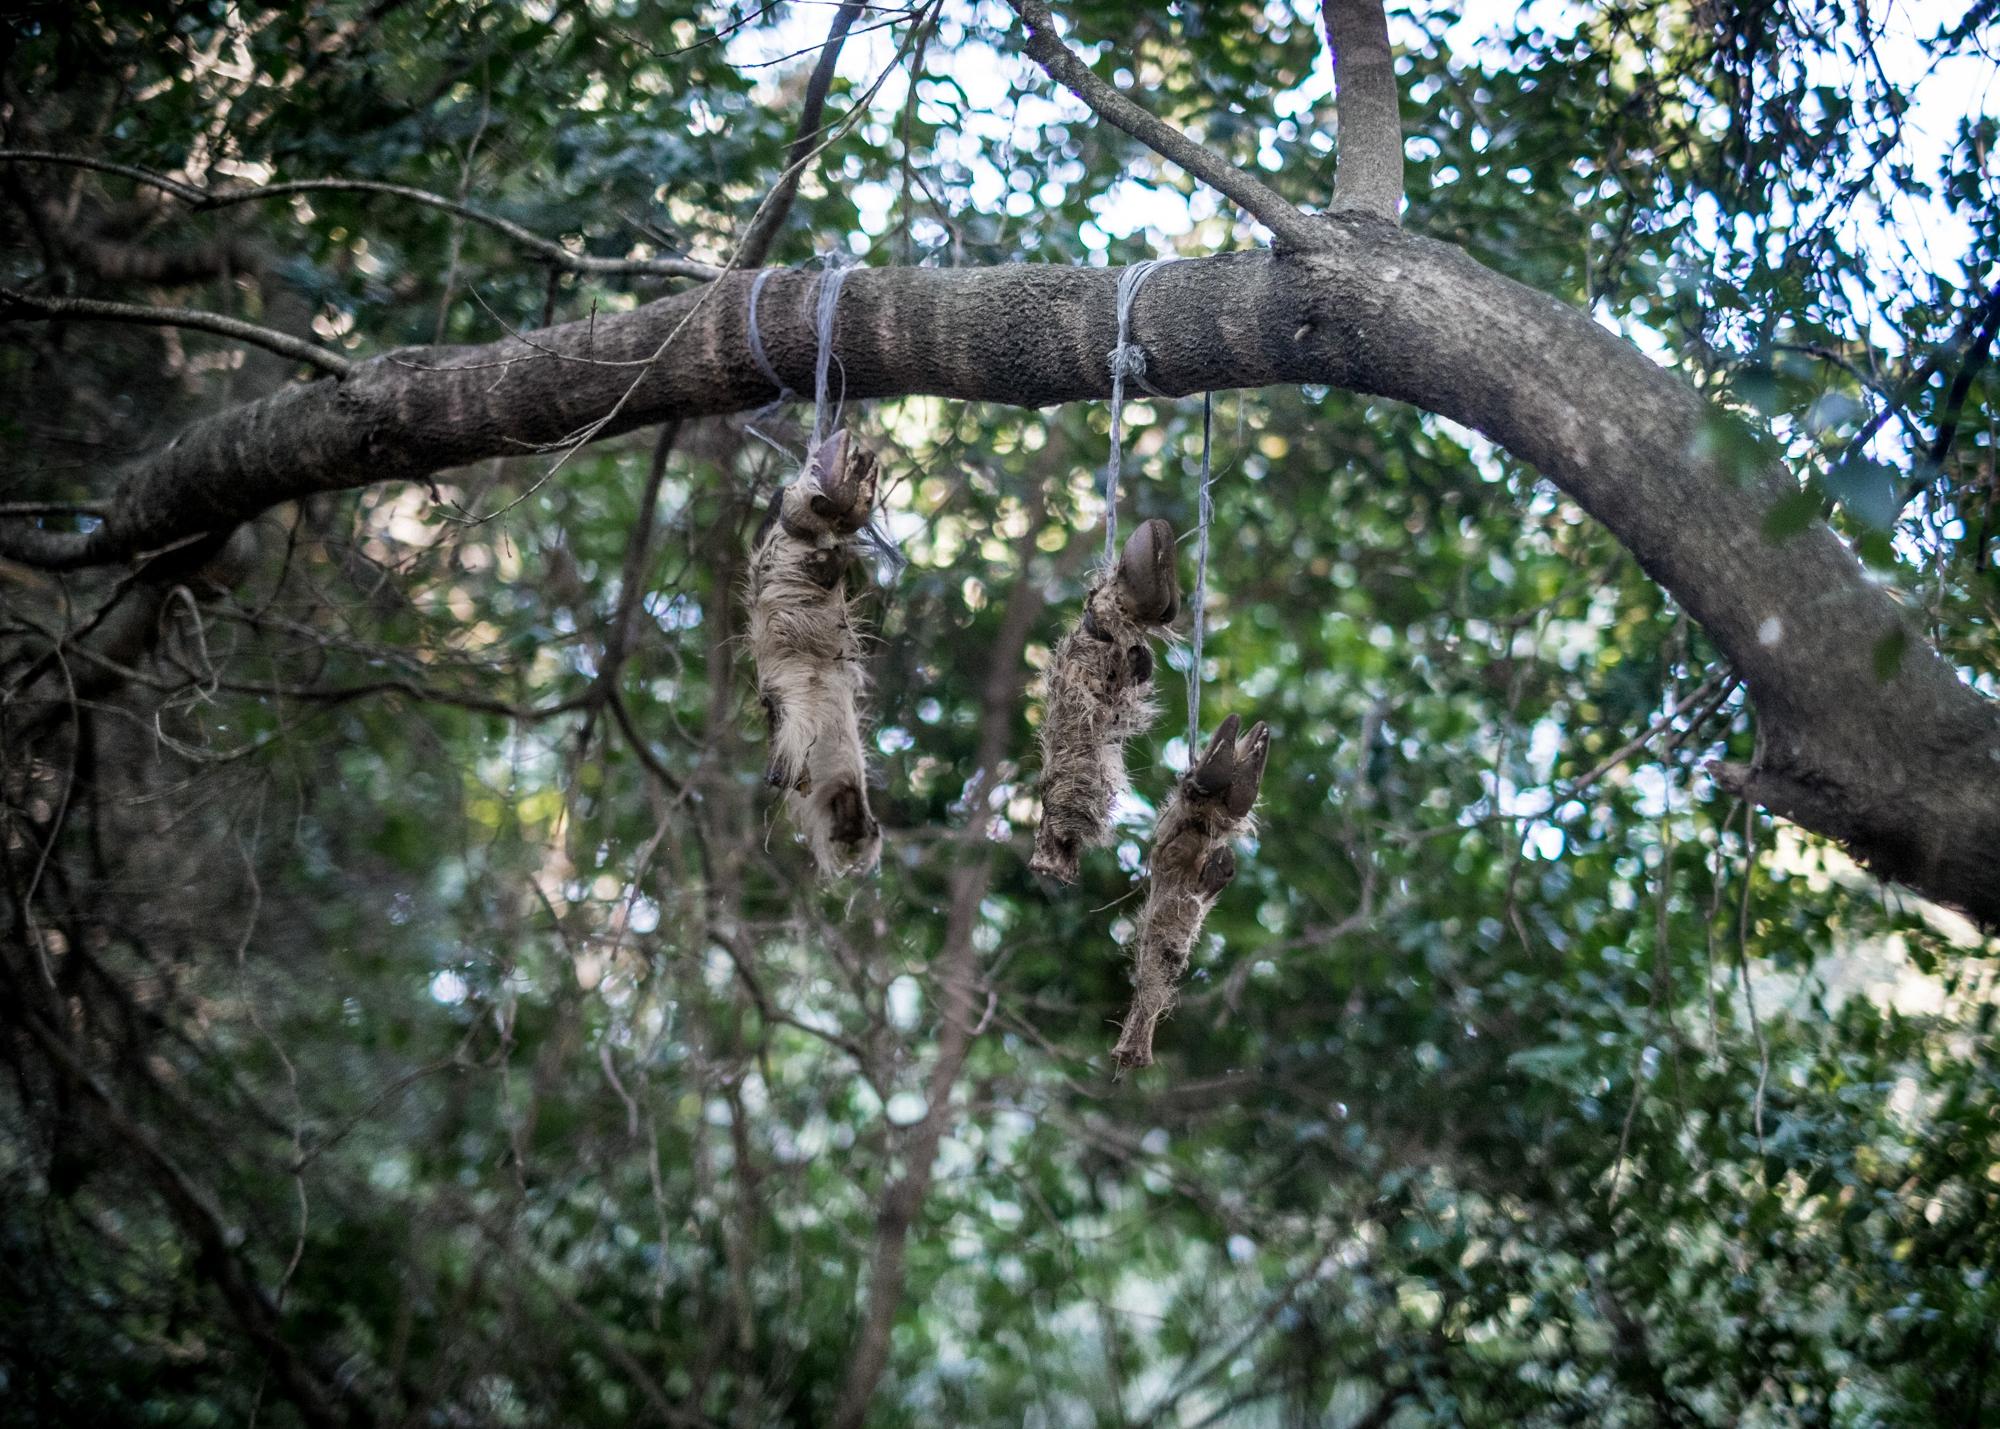 Zampe di Capra appese negli alberi dell' area D, Corre Pruna, comune di Perdasdefogu, poligono a terra.